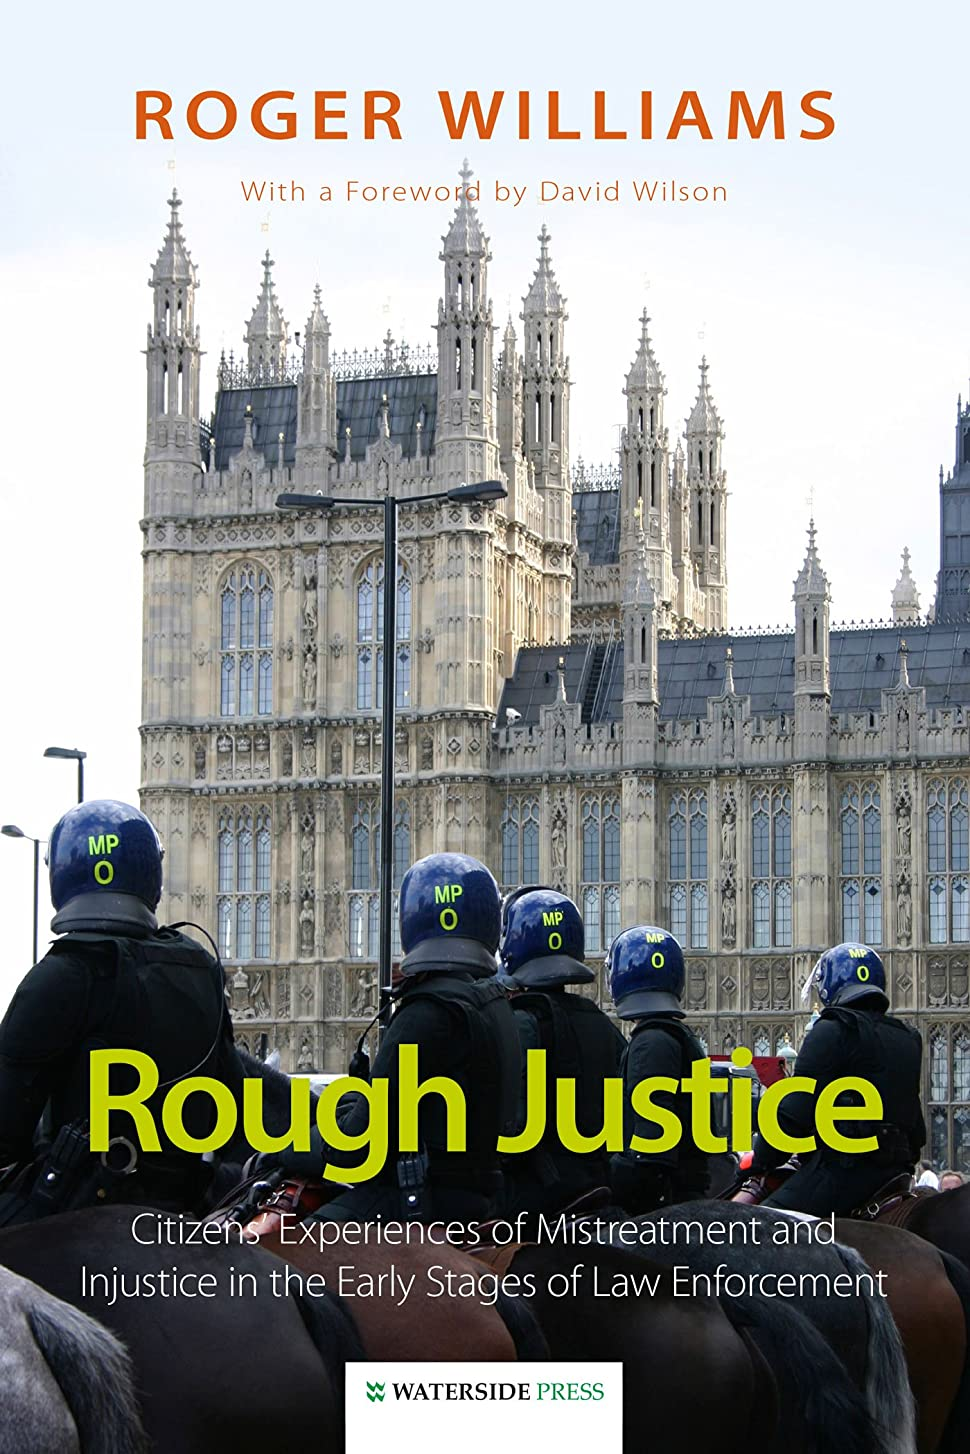 シュガーアクセル弾丸Rough Justice: Citizens' Experiences of Mistreatment and Injustice in the Early Stages of Law Enforcement (English Edition)